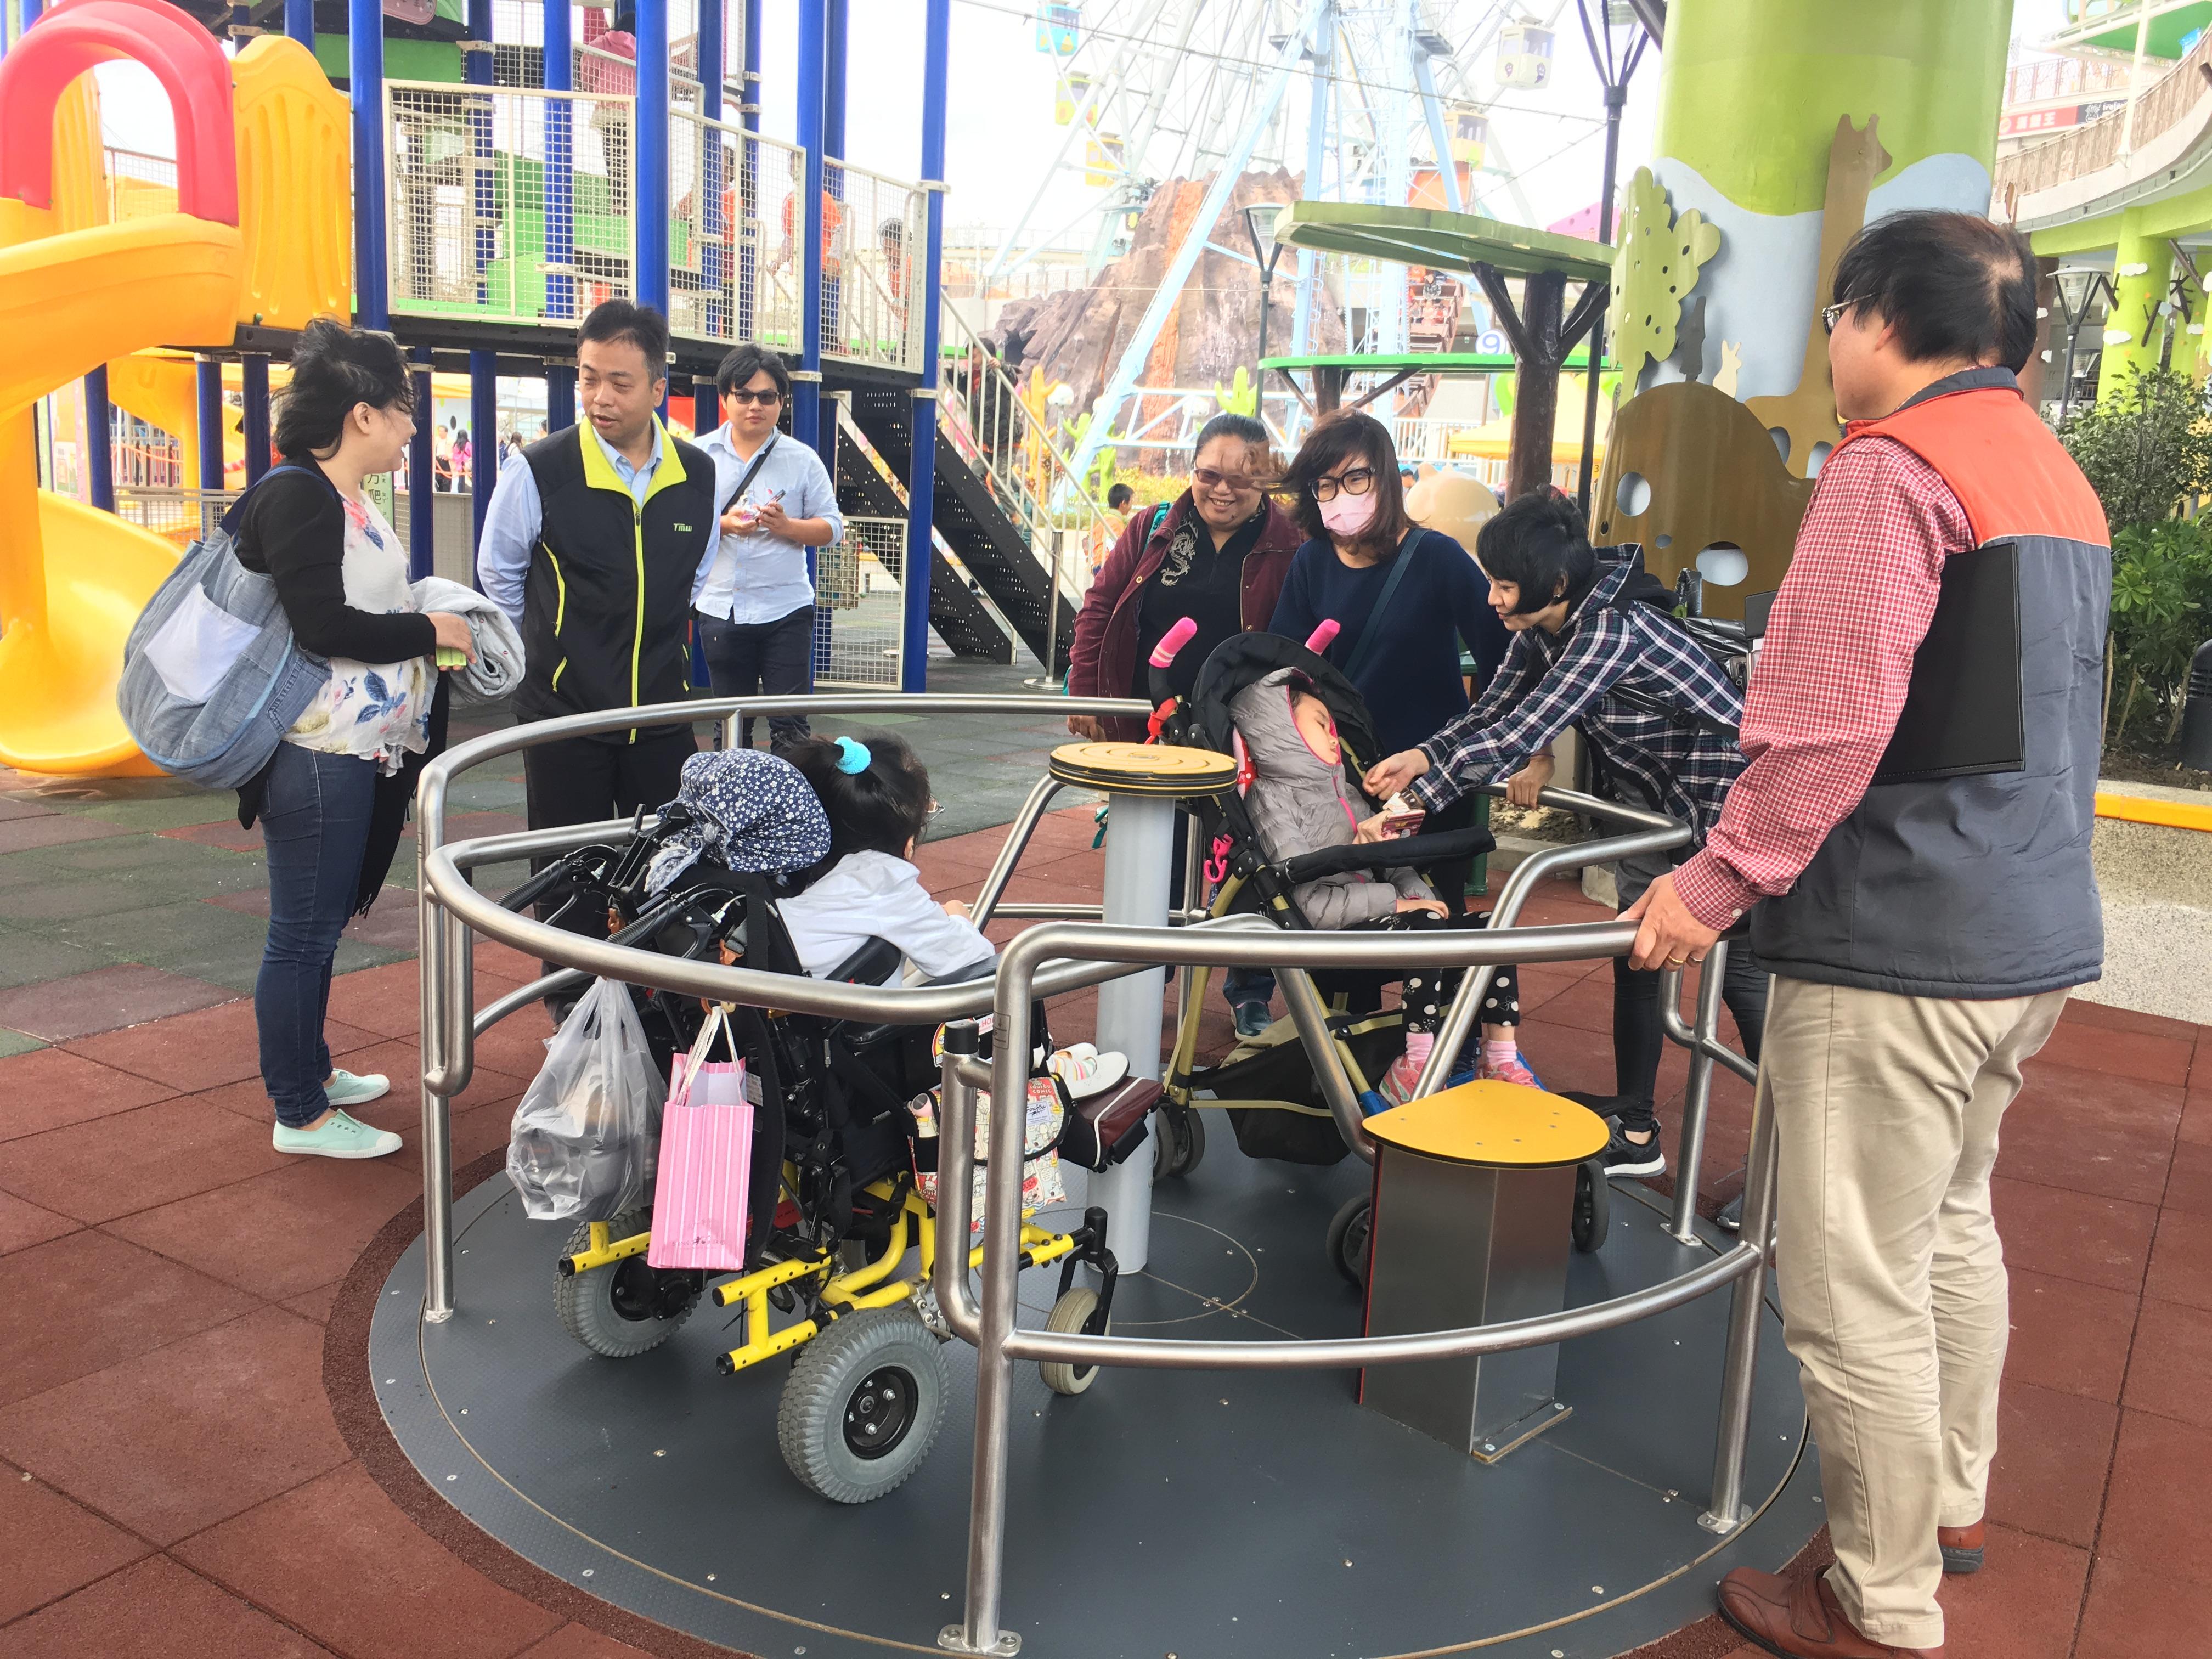 共融性轉盤,可以讓行動不便的孩童與一般孩童進入轉盤旋轉。攝影/洪羽潔